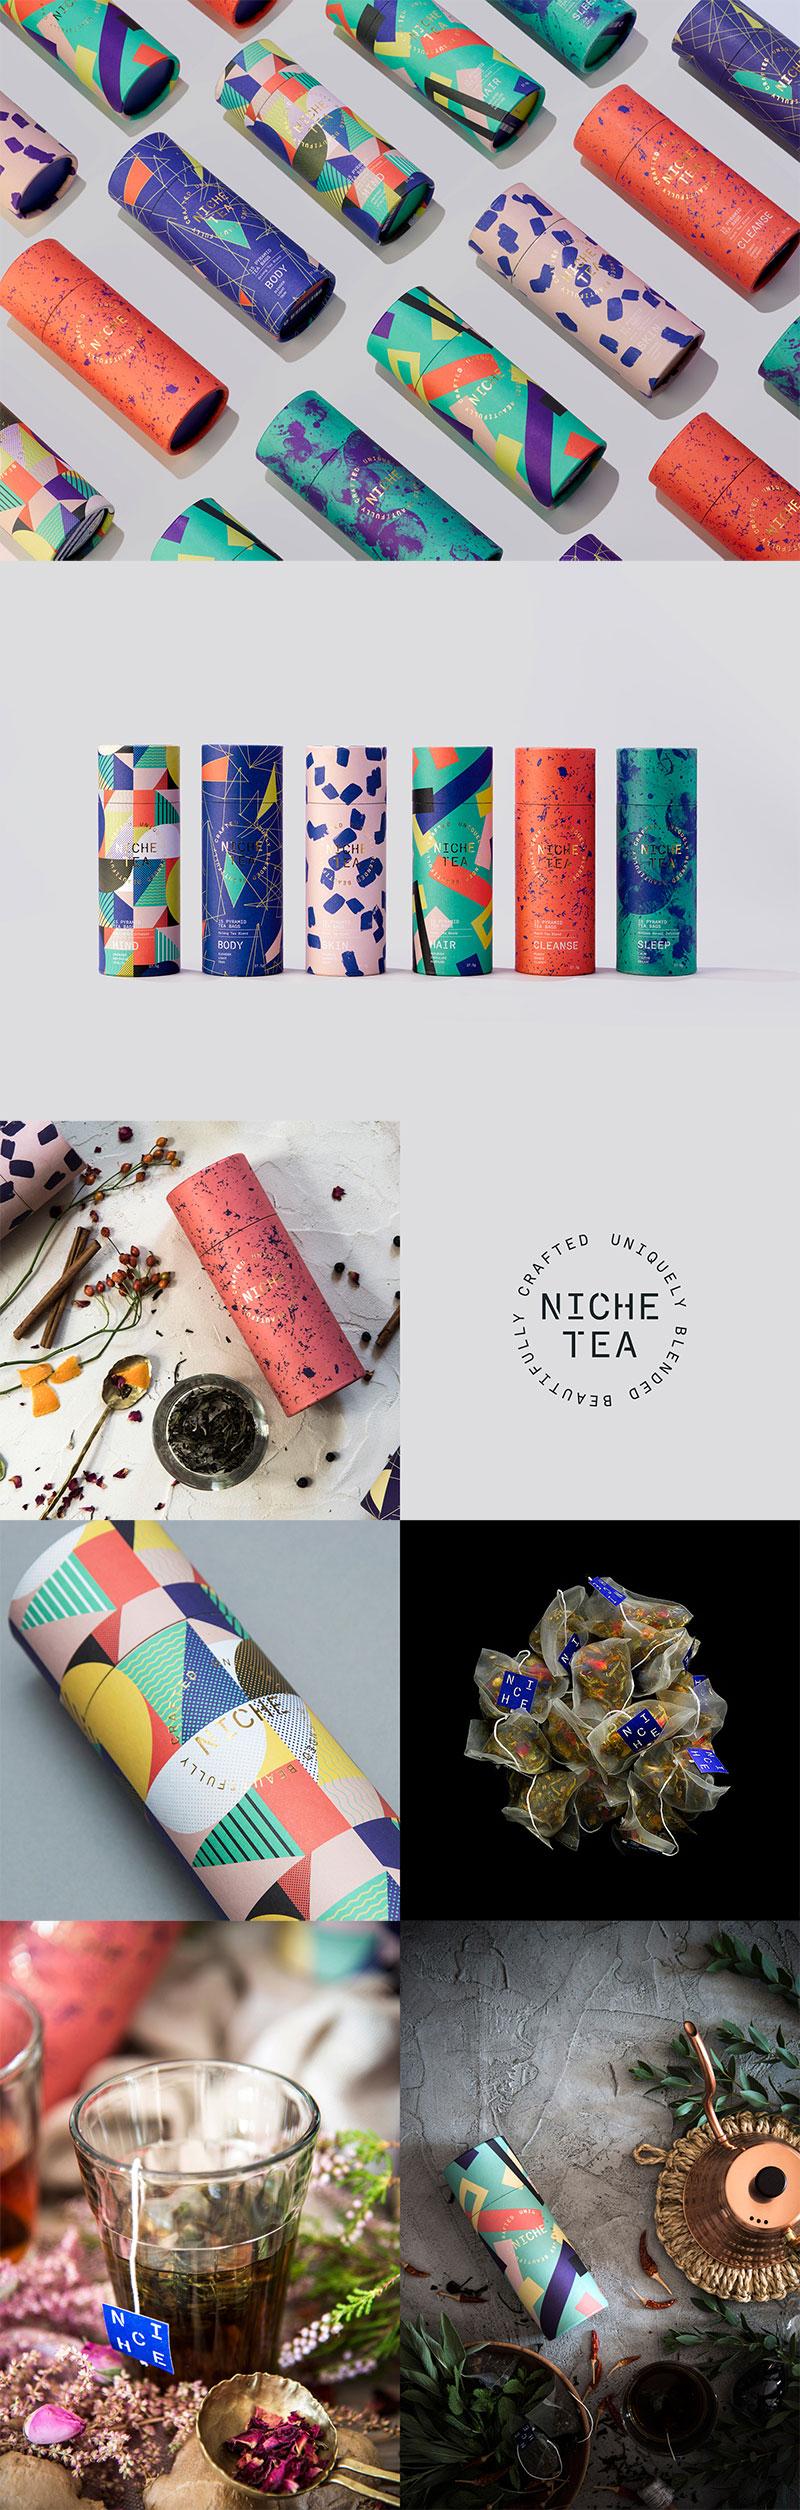 NICHE Tea by IWANT design